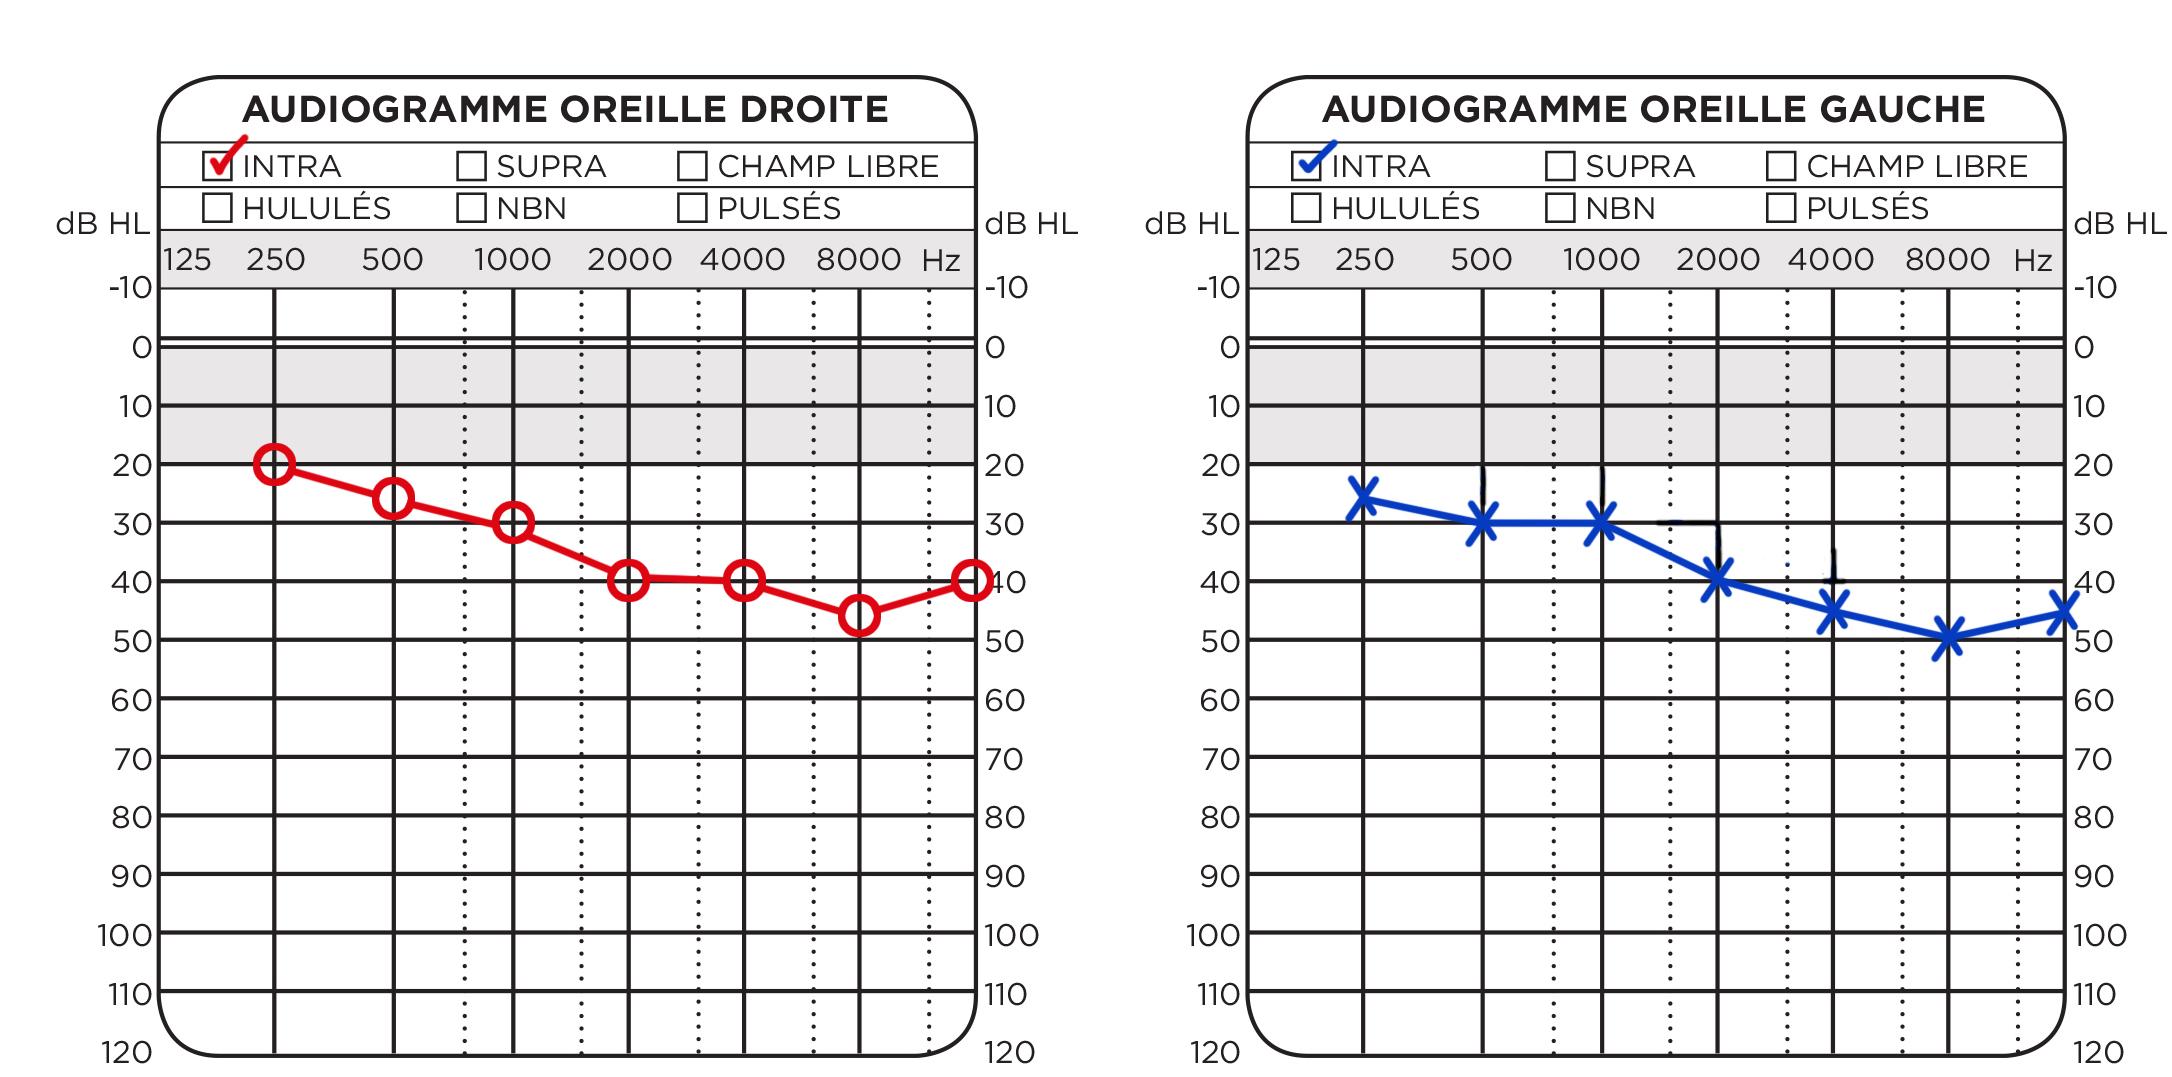 Audiogram Polyclinique De L Oreille